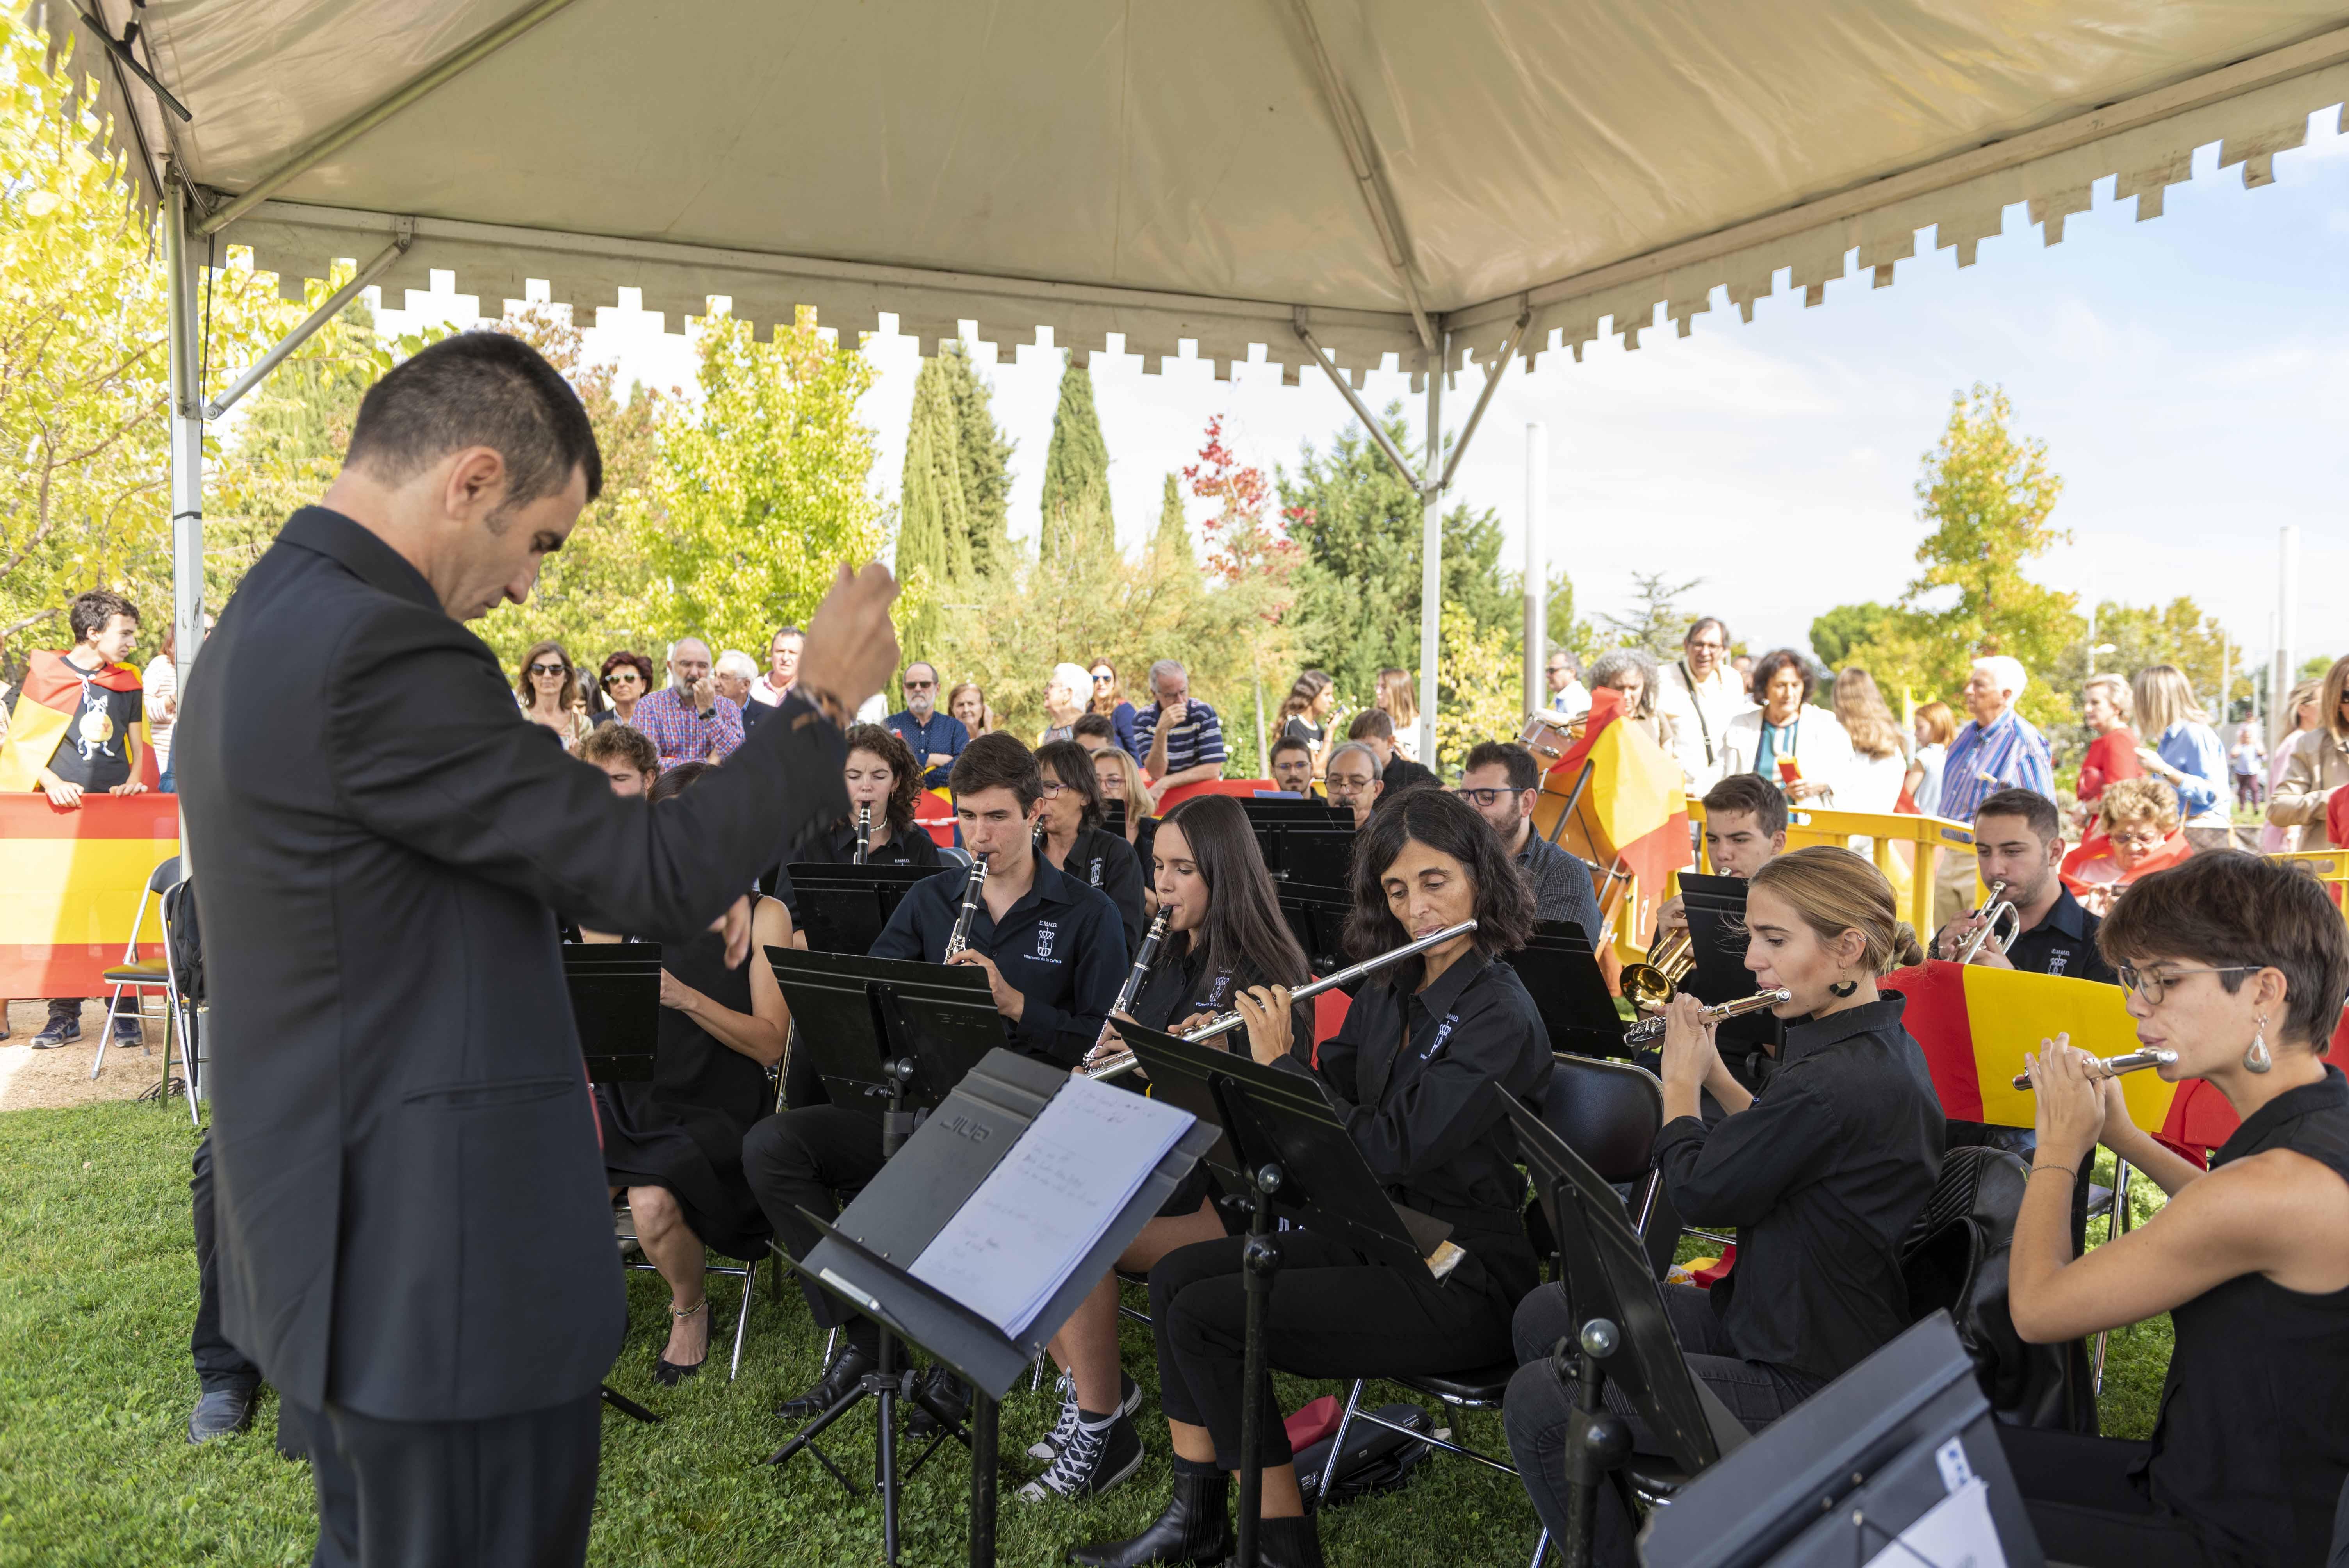 El acto fue amenizado por la Banda Municipal